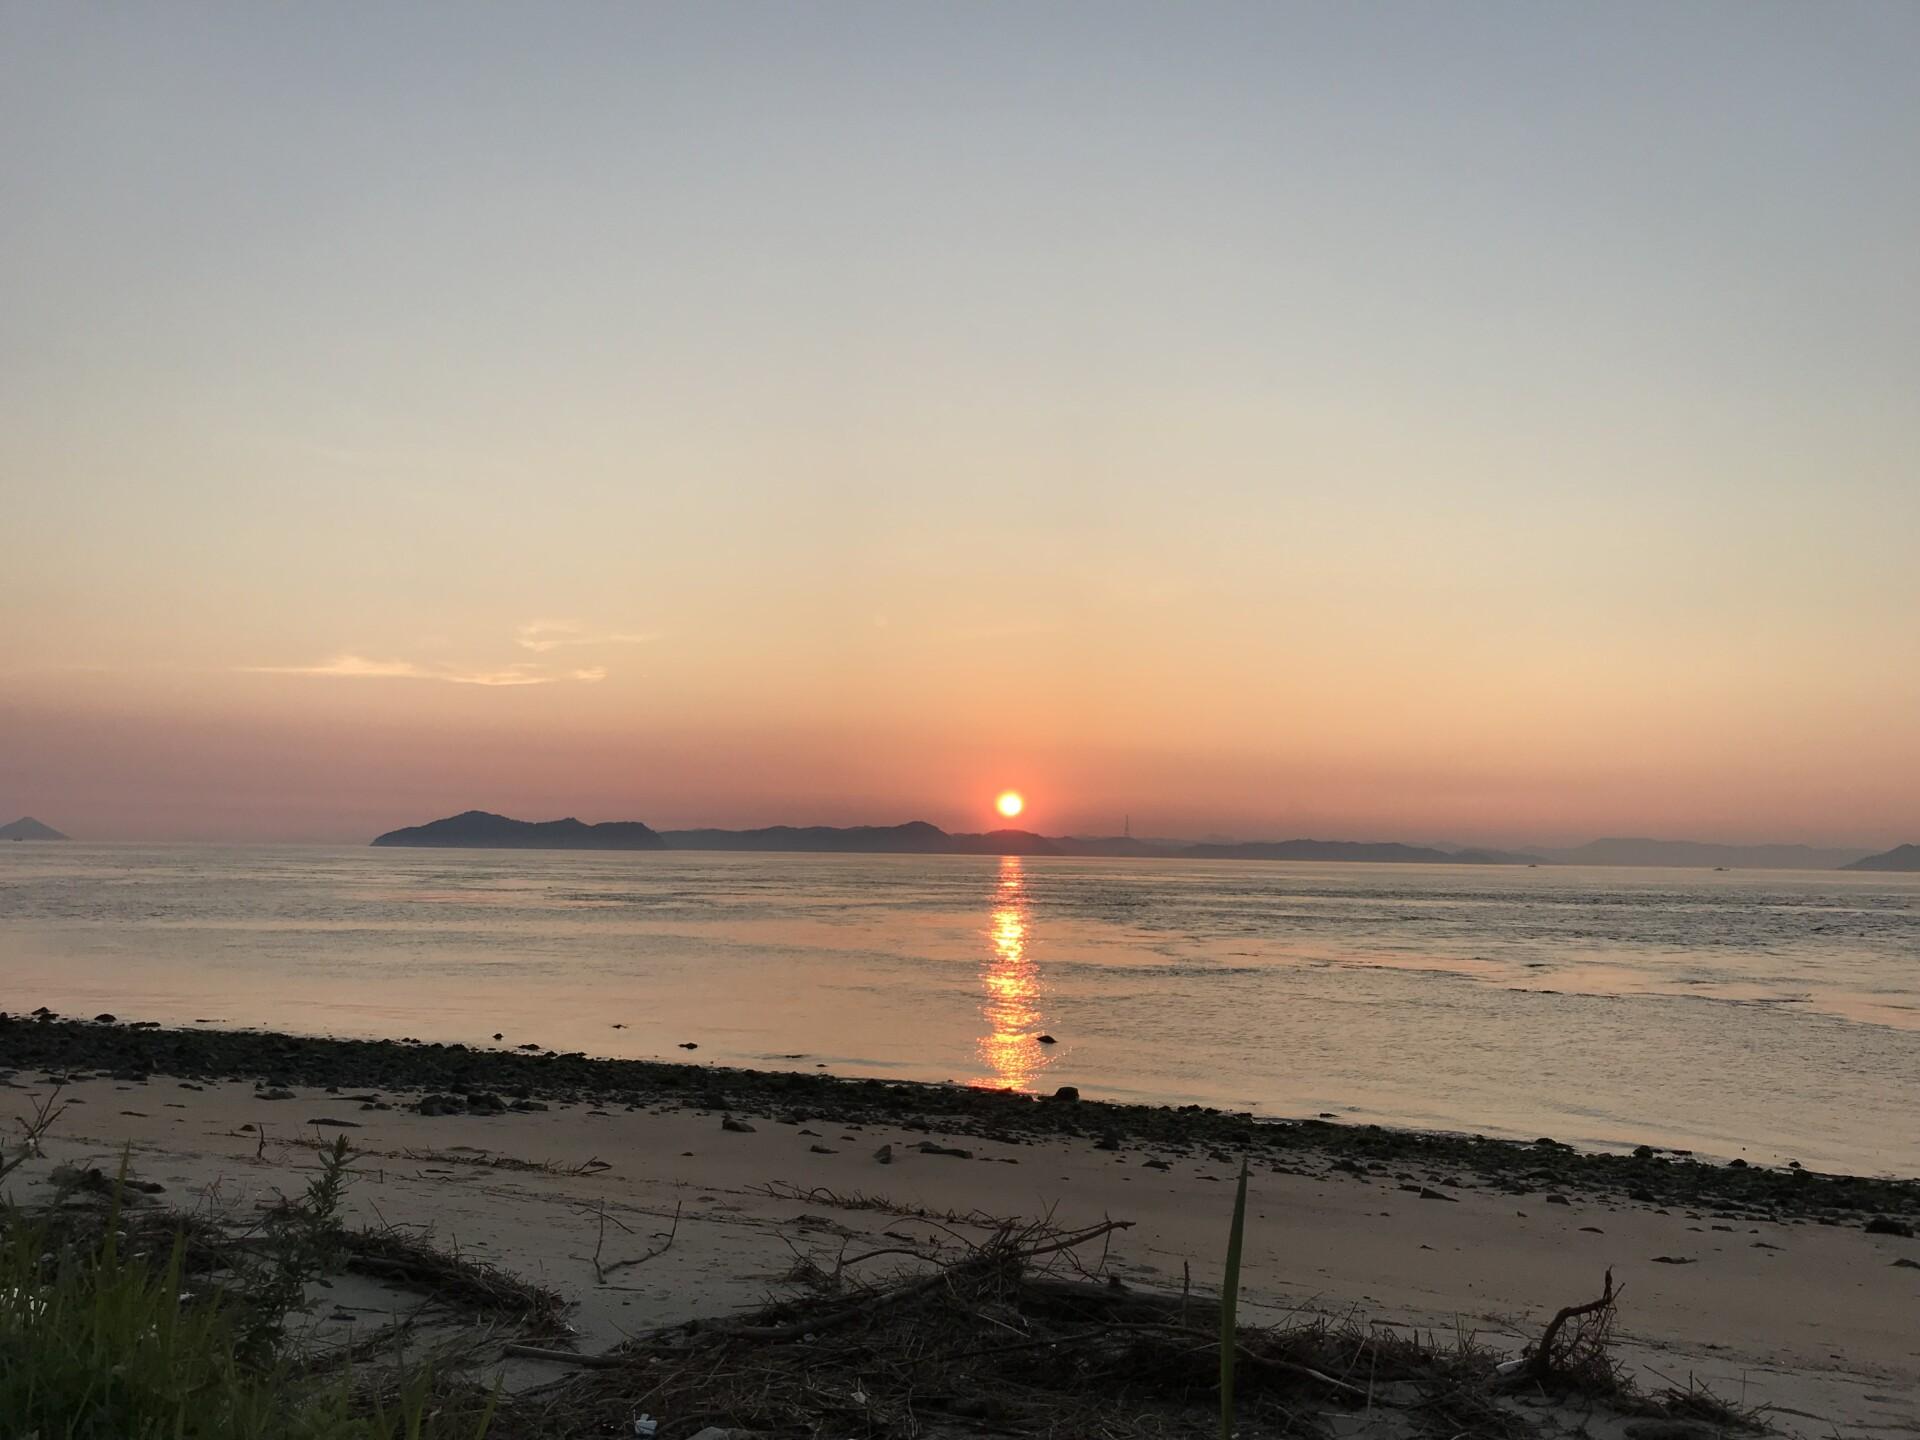 男木島灯台キャンプ場の浜辺から見る夕焼けと海